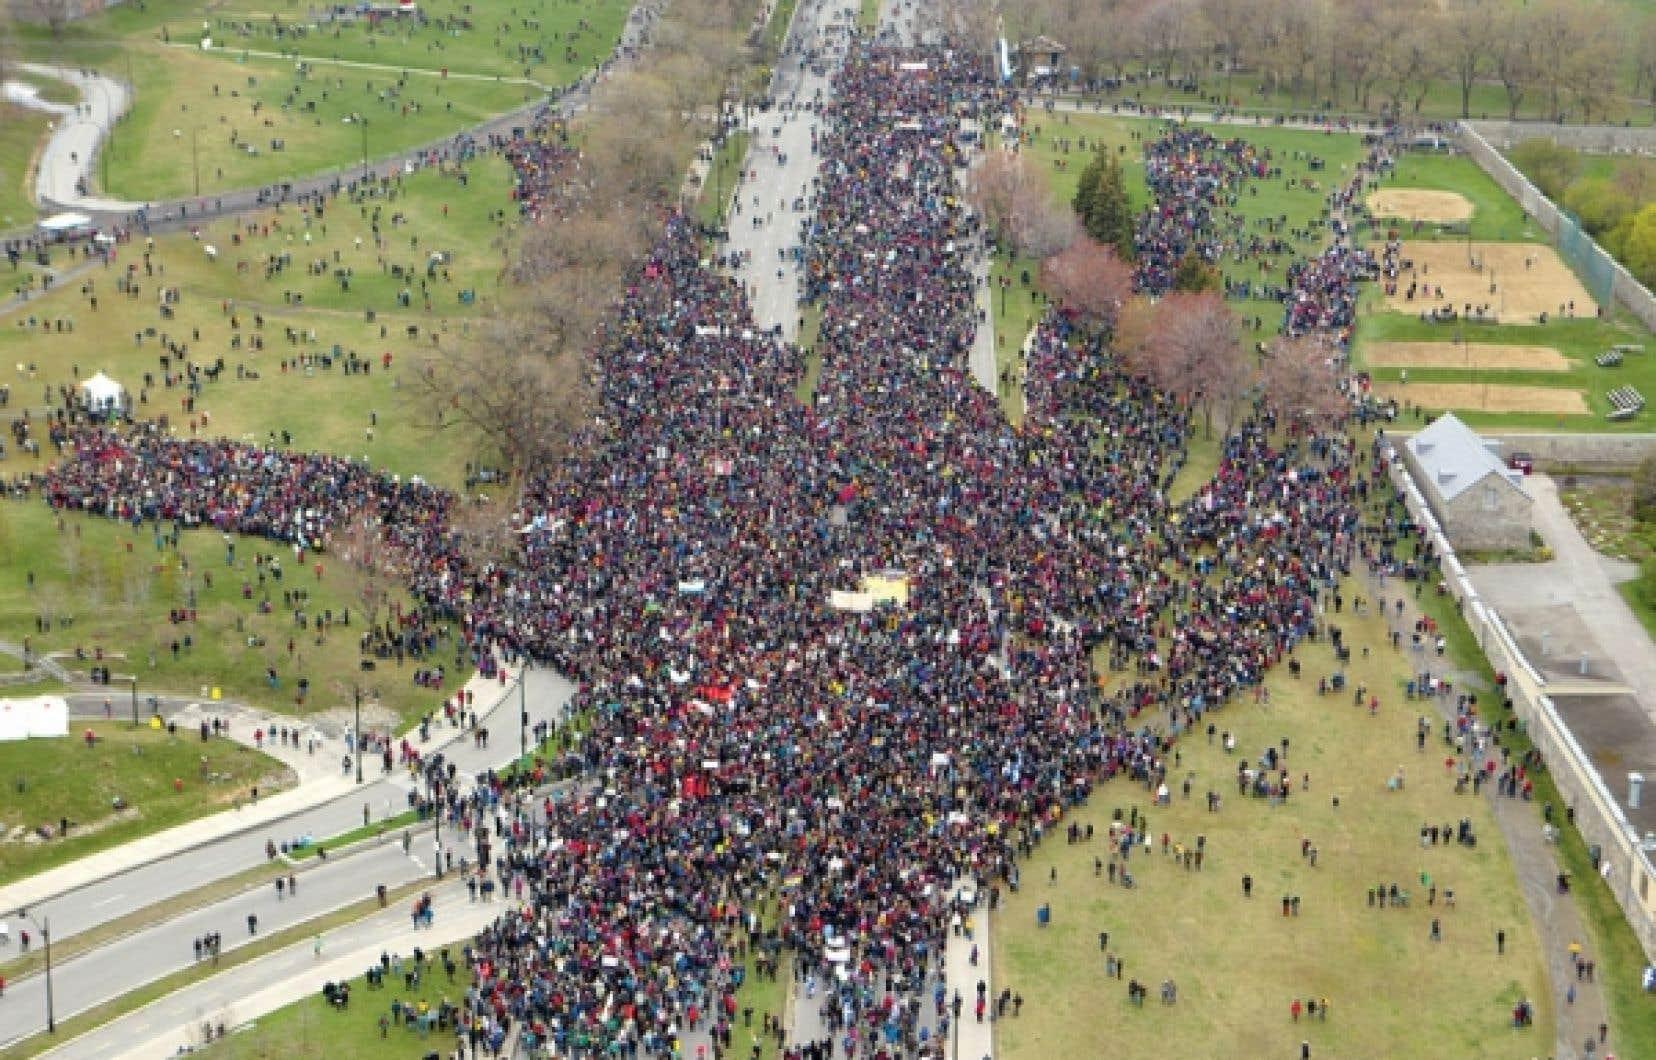 Manifestation monstre à l'occasion du Jour de la Terre. De façon générale, les jeunes se mobilisent autour de trois grandes causes : la cause étudiante sous toutes ses formes, l'environnement et la solidarité humaine.